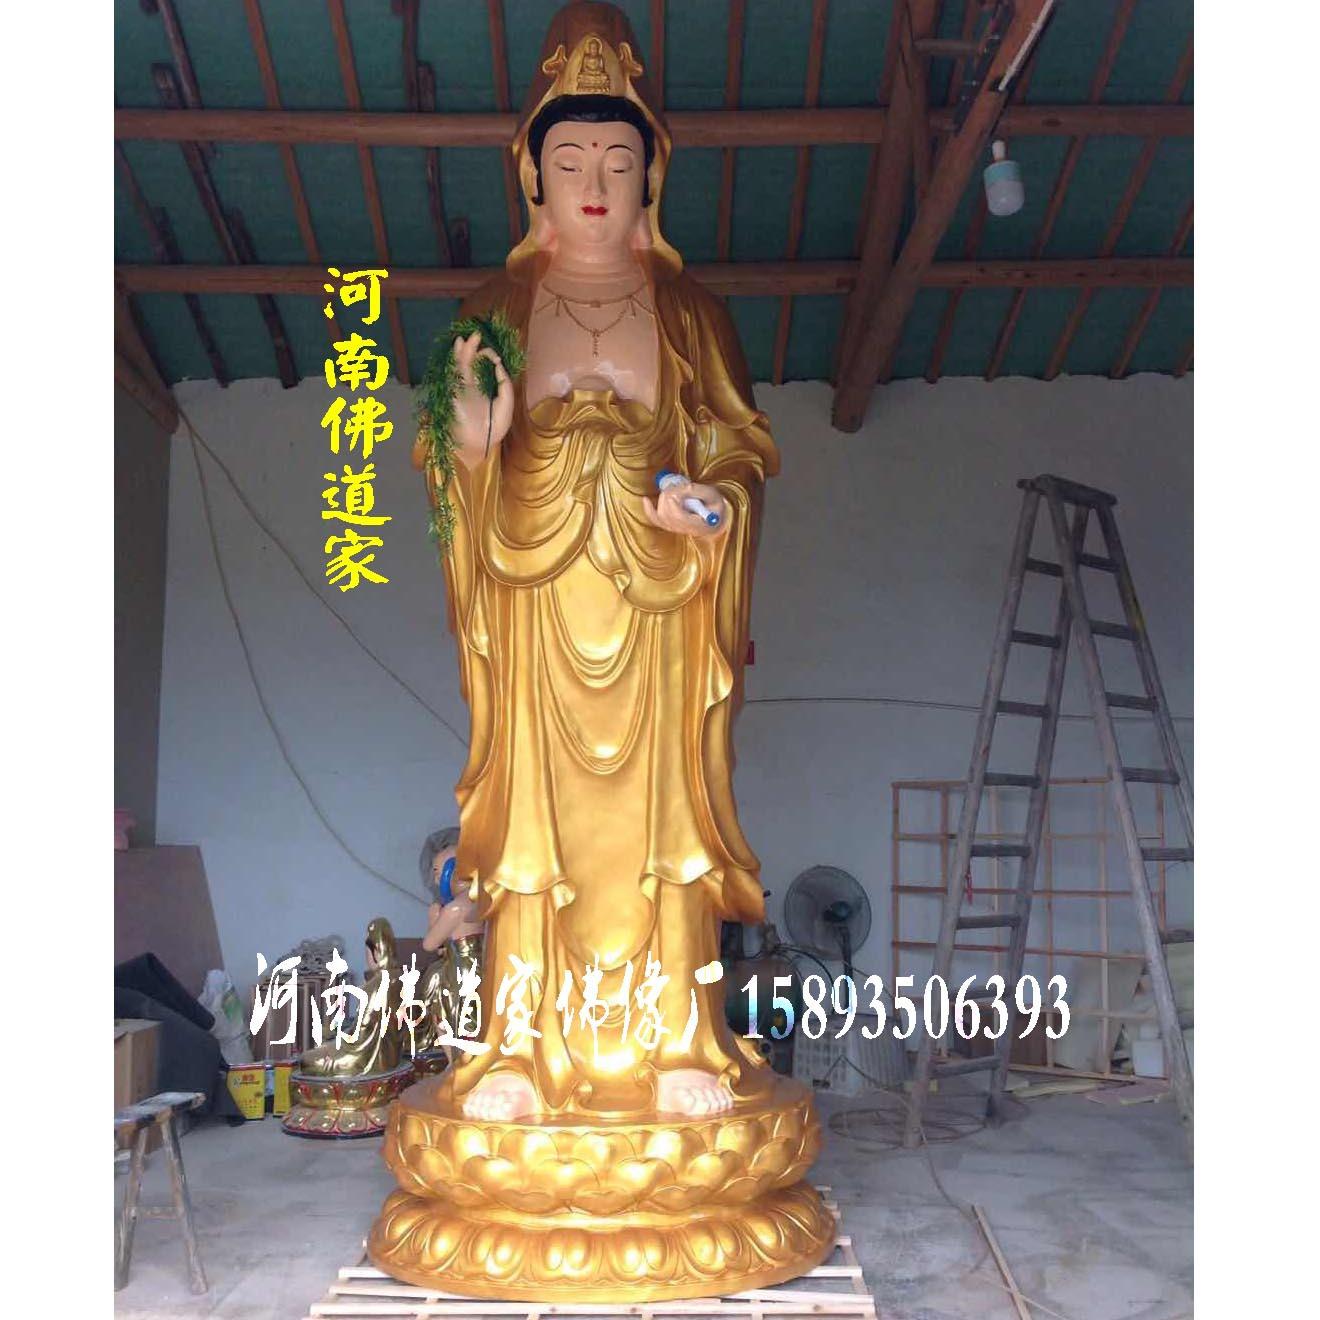 佛教东方三圣佛像厂家 三圣神像价格 释迦三尊 日光菩萨 月光菩萨示例图3